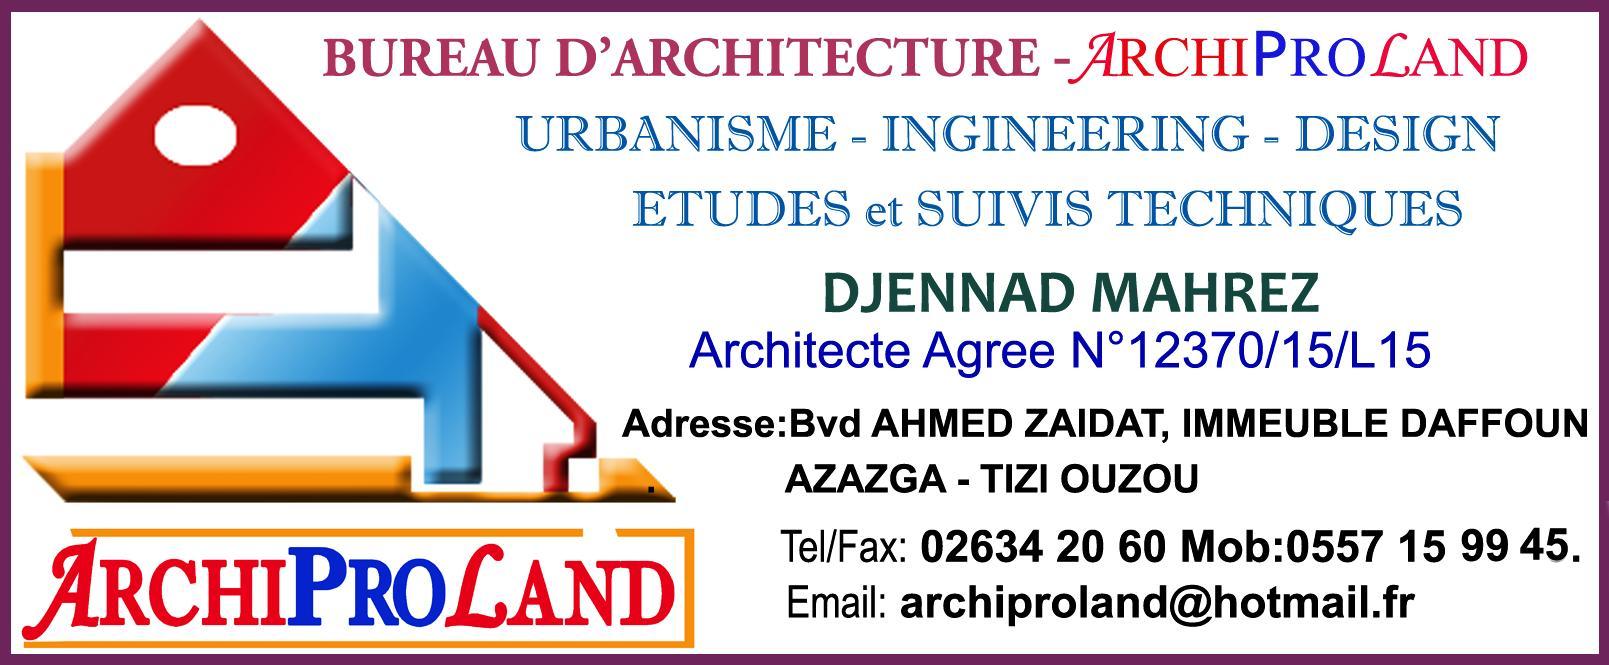 bureau d 39 etudes d 39 architecture archiproland. Black Bedroom Furniture Sets. Home Design Ideas